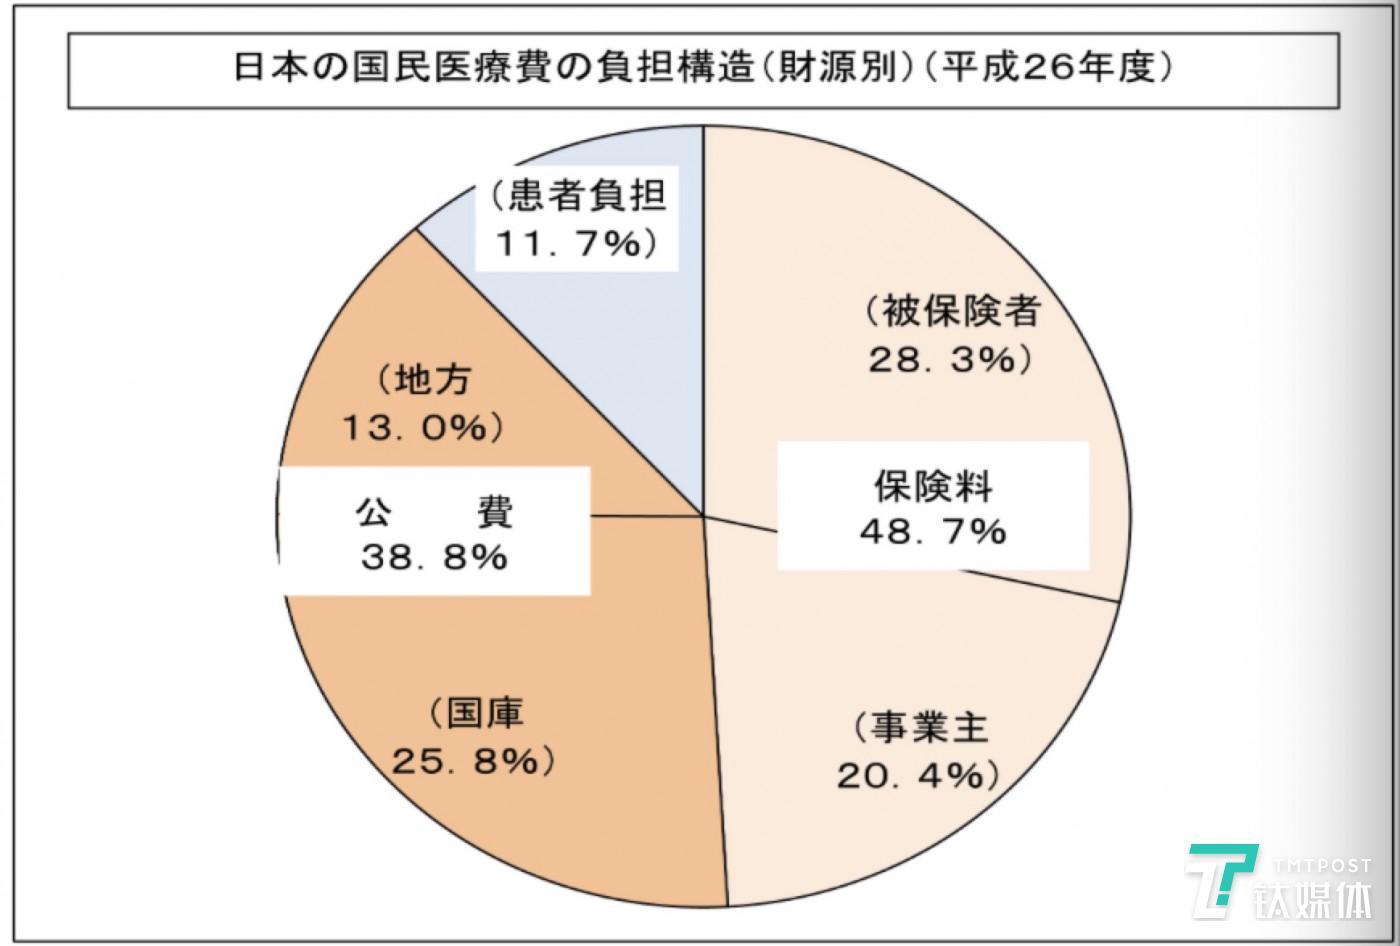 图片来源:日本厚生省